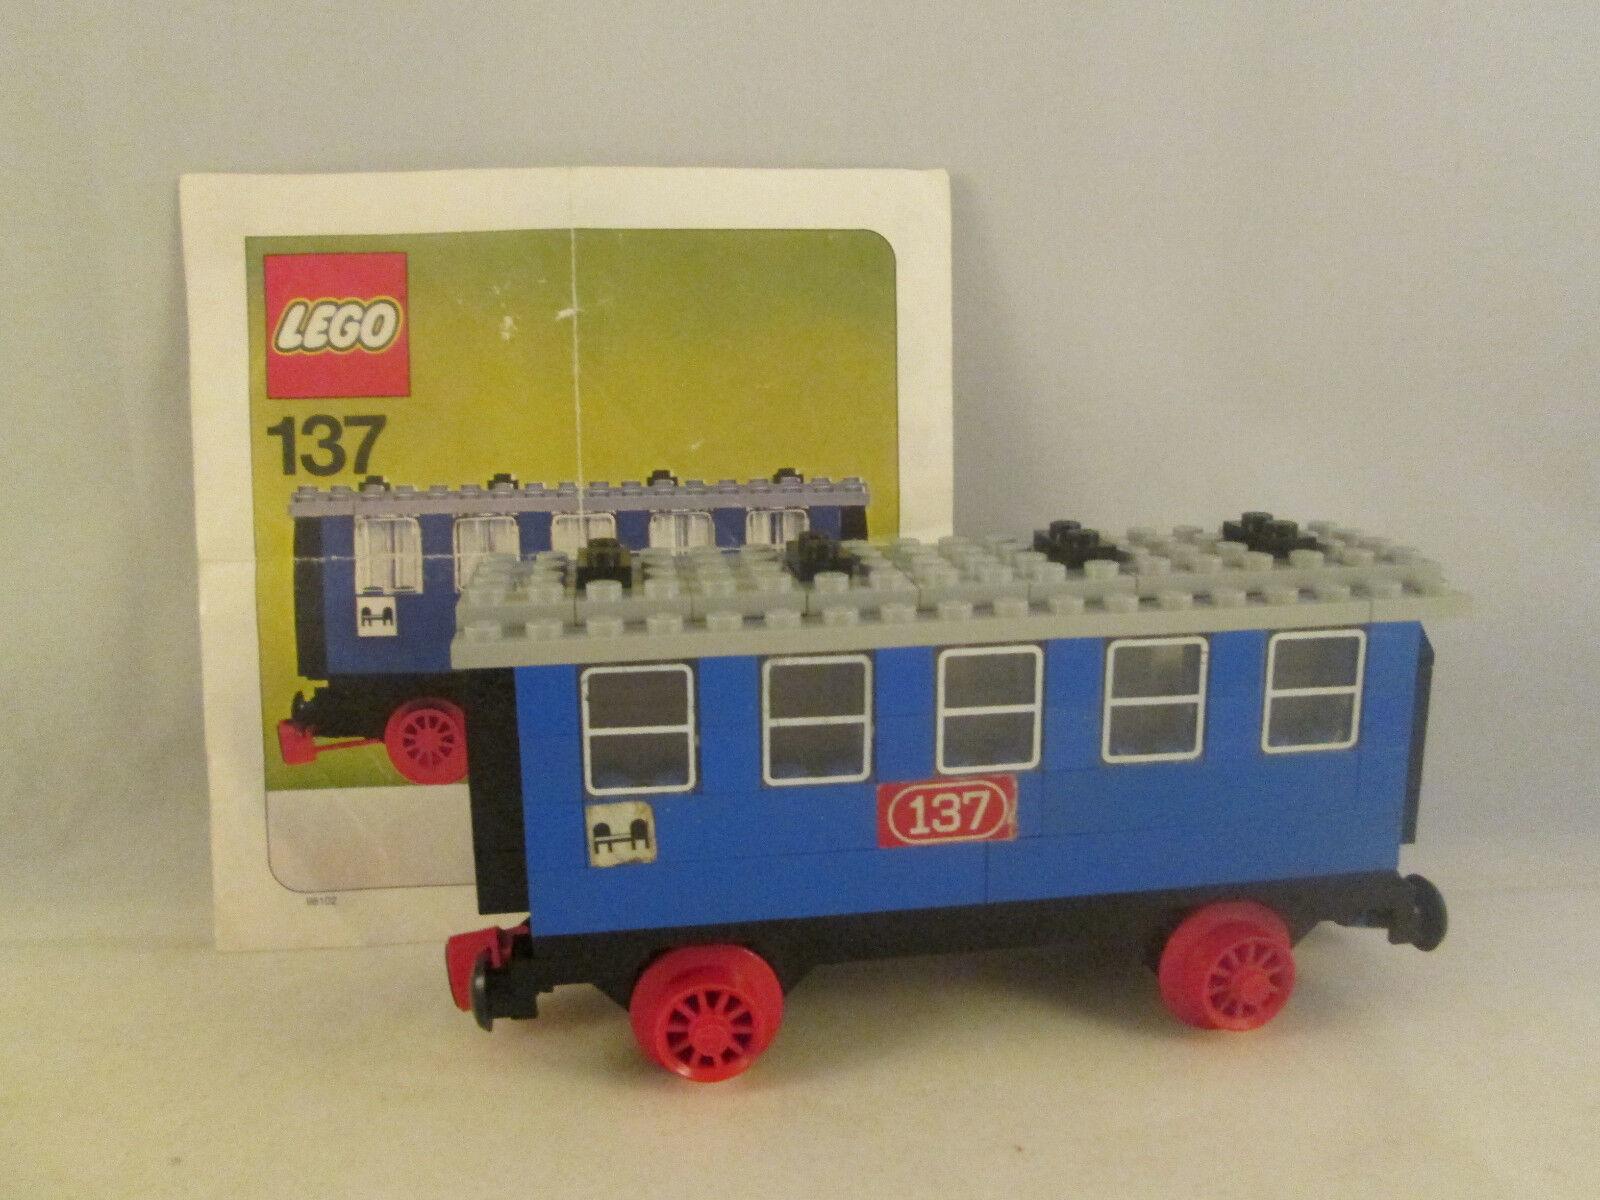 Lego zug 4.5v - - 137 - 4.5v schlafwagen 192dd6